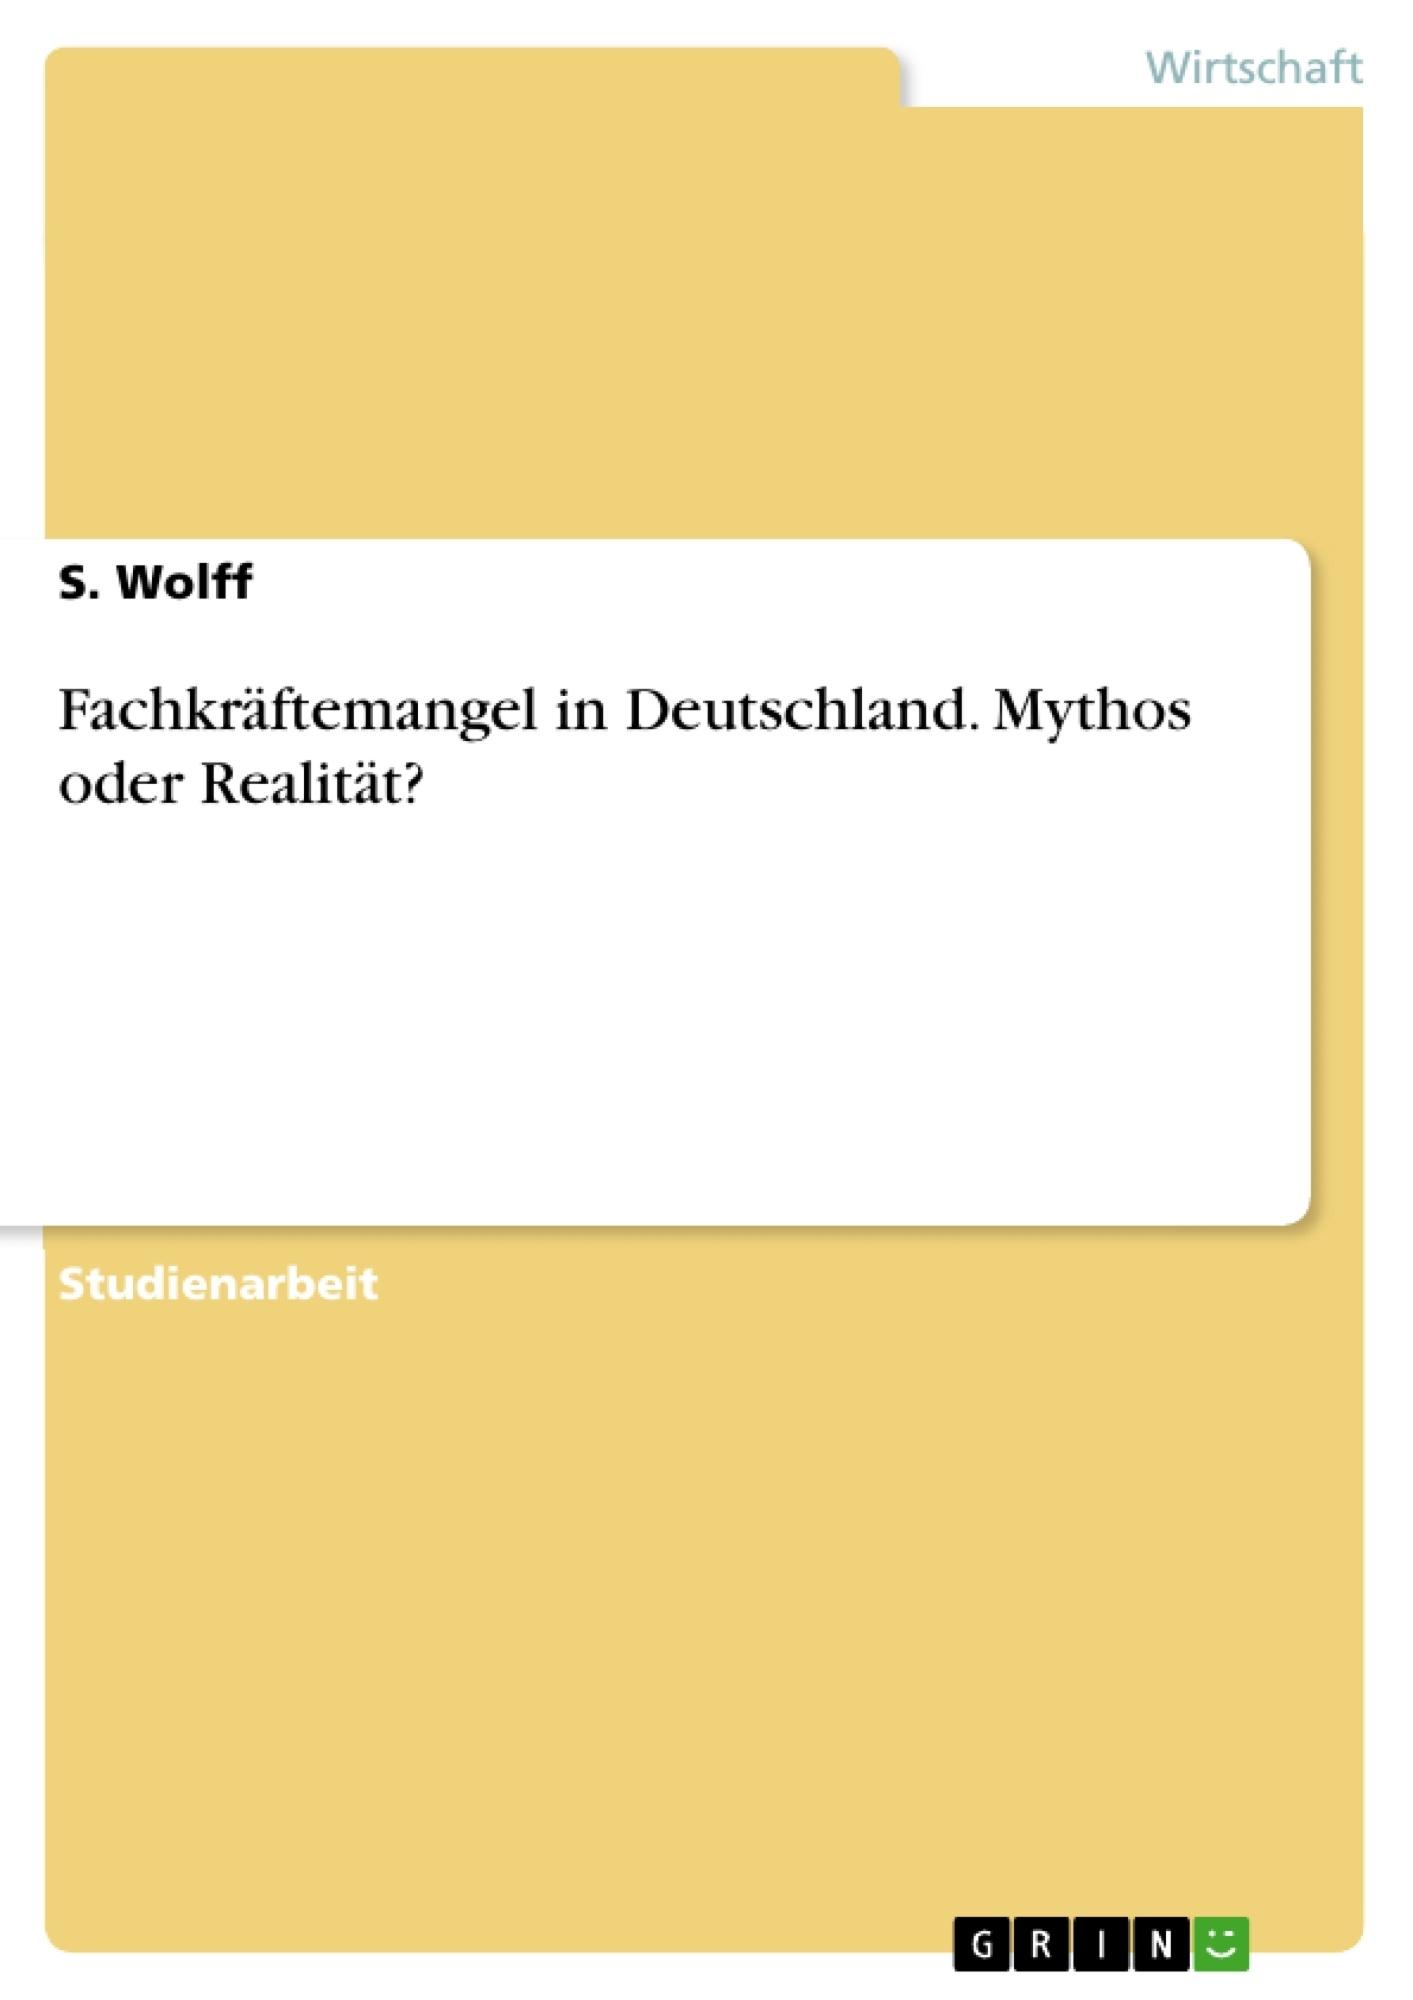 Titel: Fachkräftemangel in Deutschland. Mythos oder Realität?